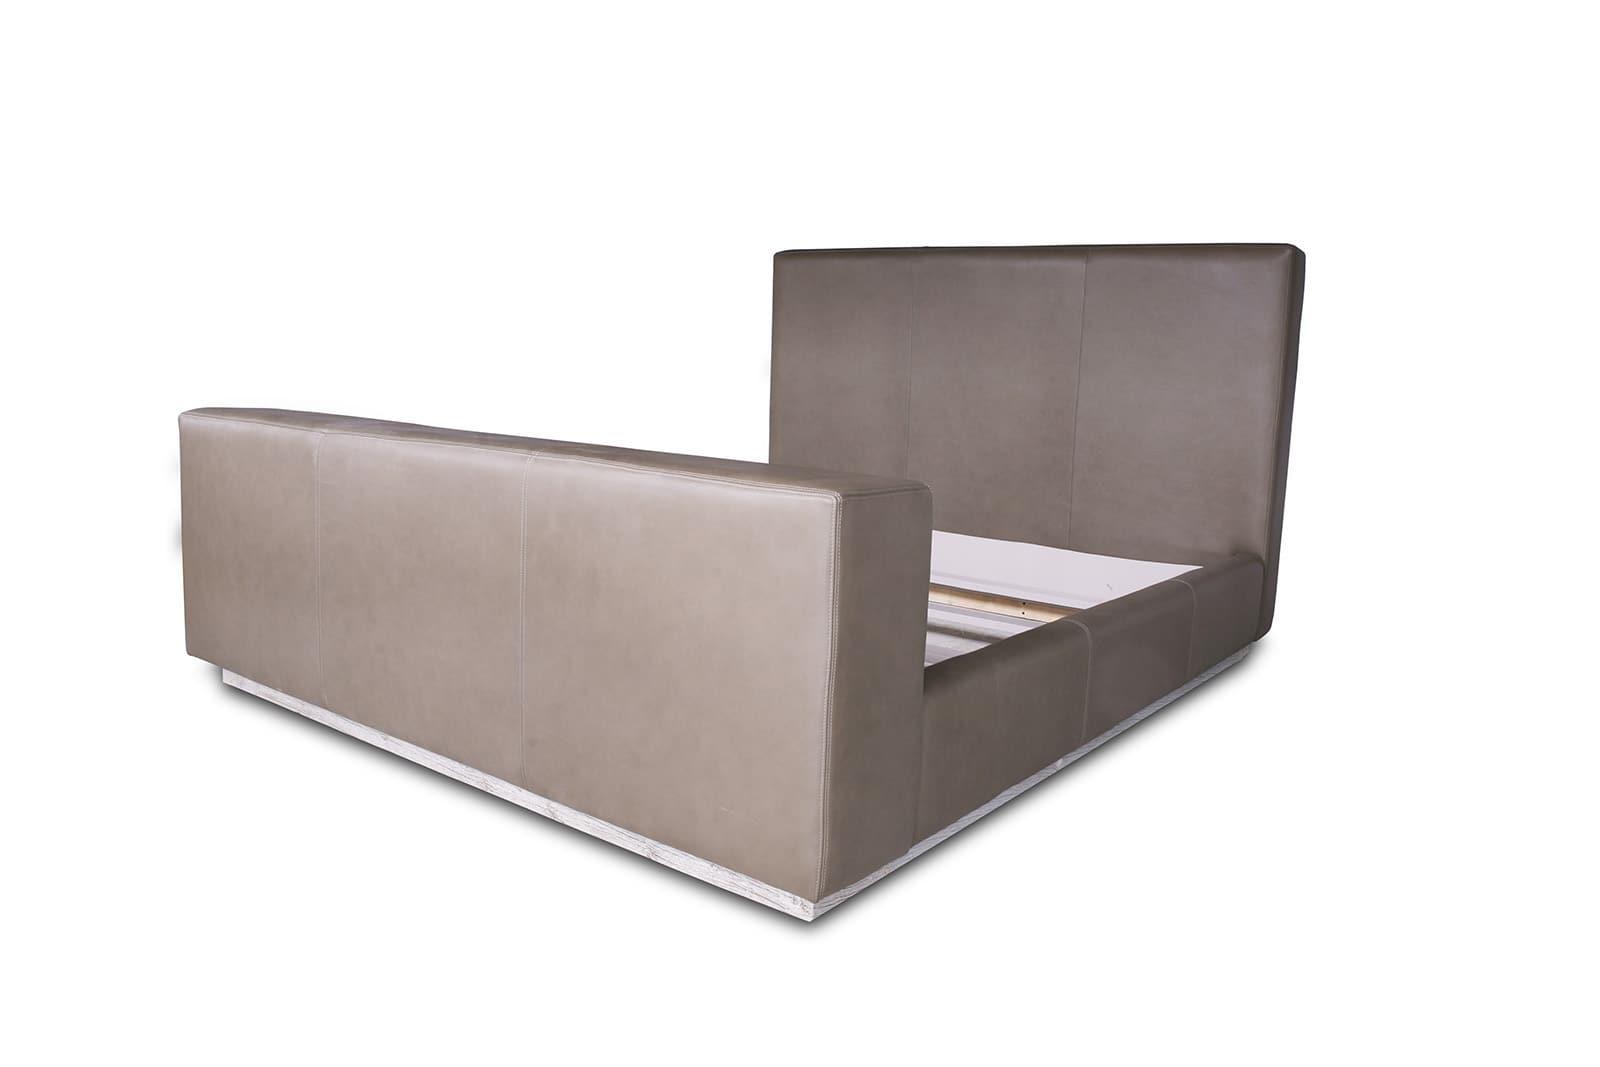 Sedona 4N Bed Marco Caribou